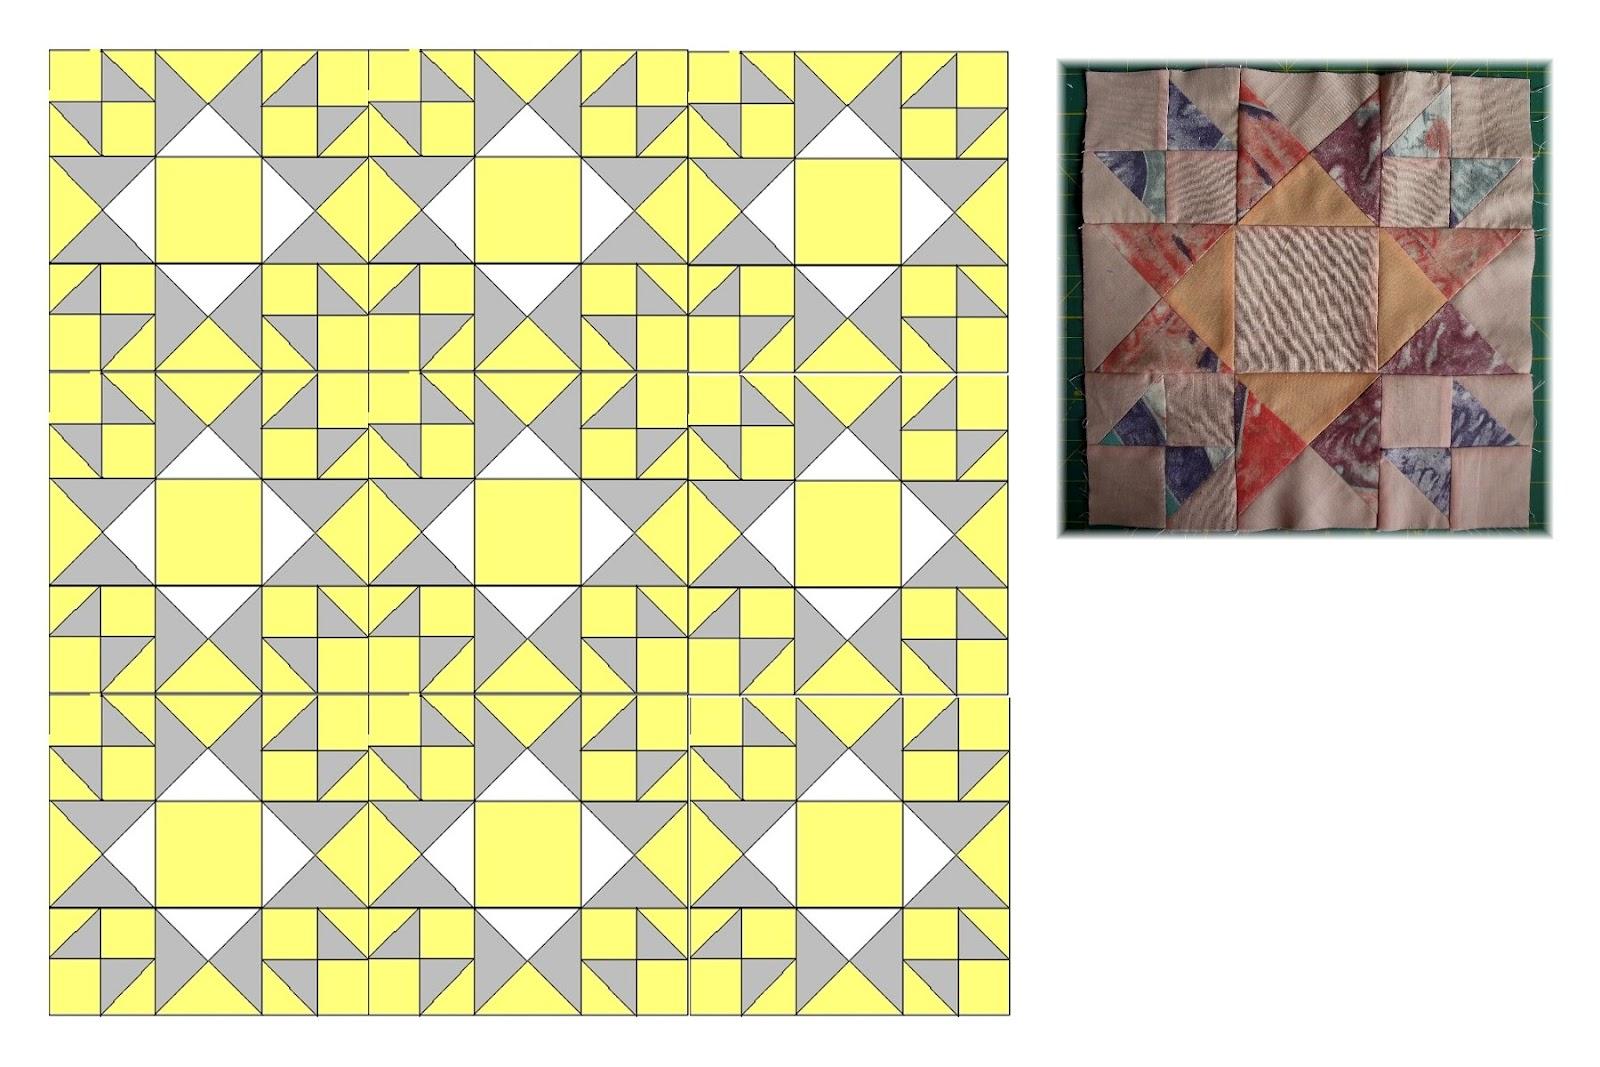 Mein Hobby - Nadelzauber: 9ner Block Muster XIII